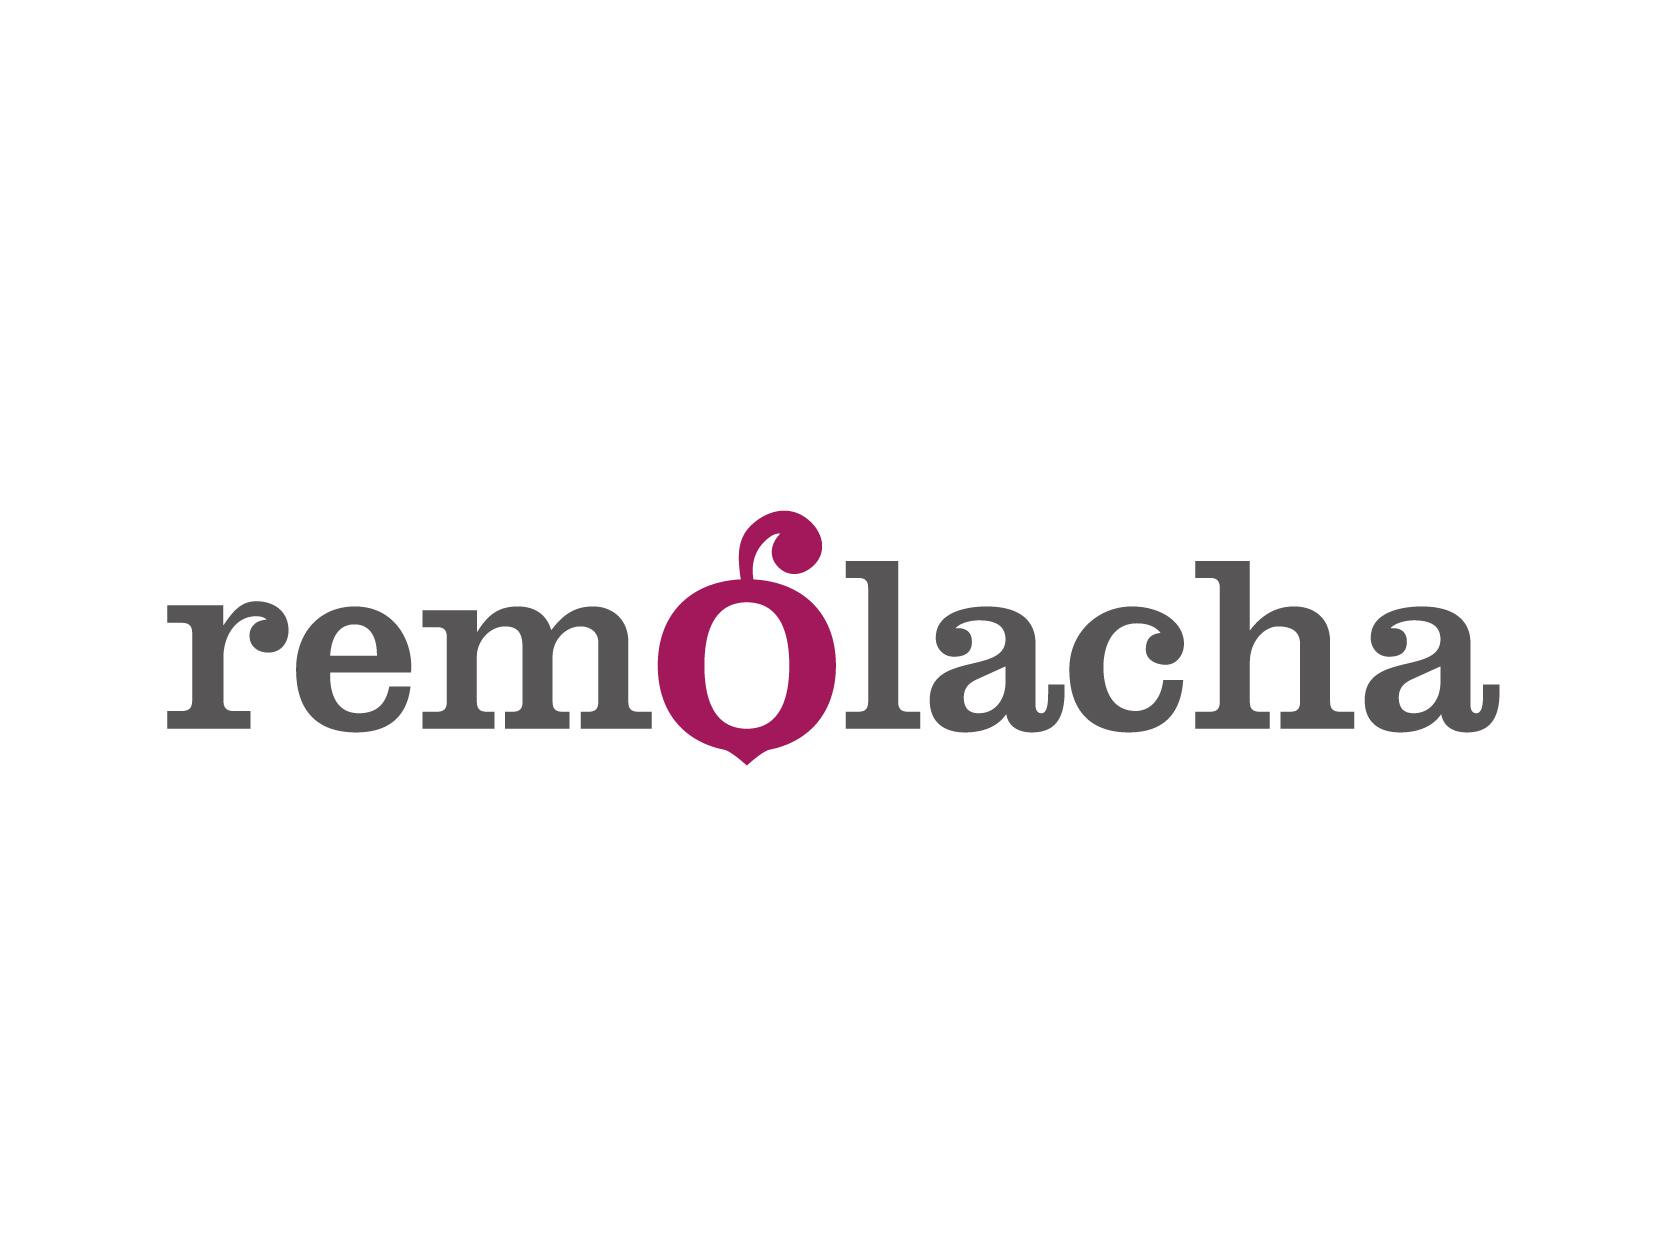 remolacha-01